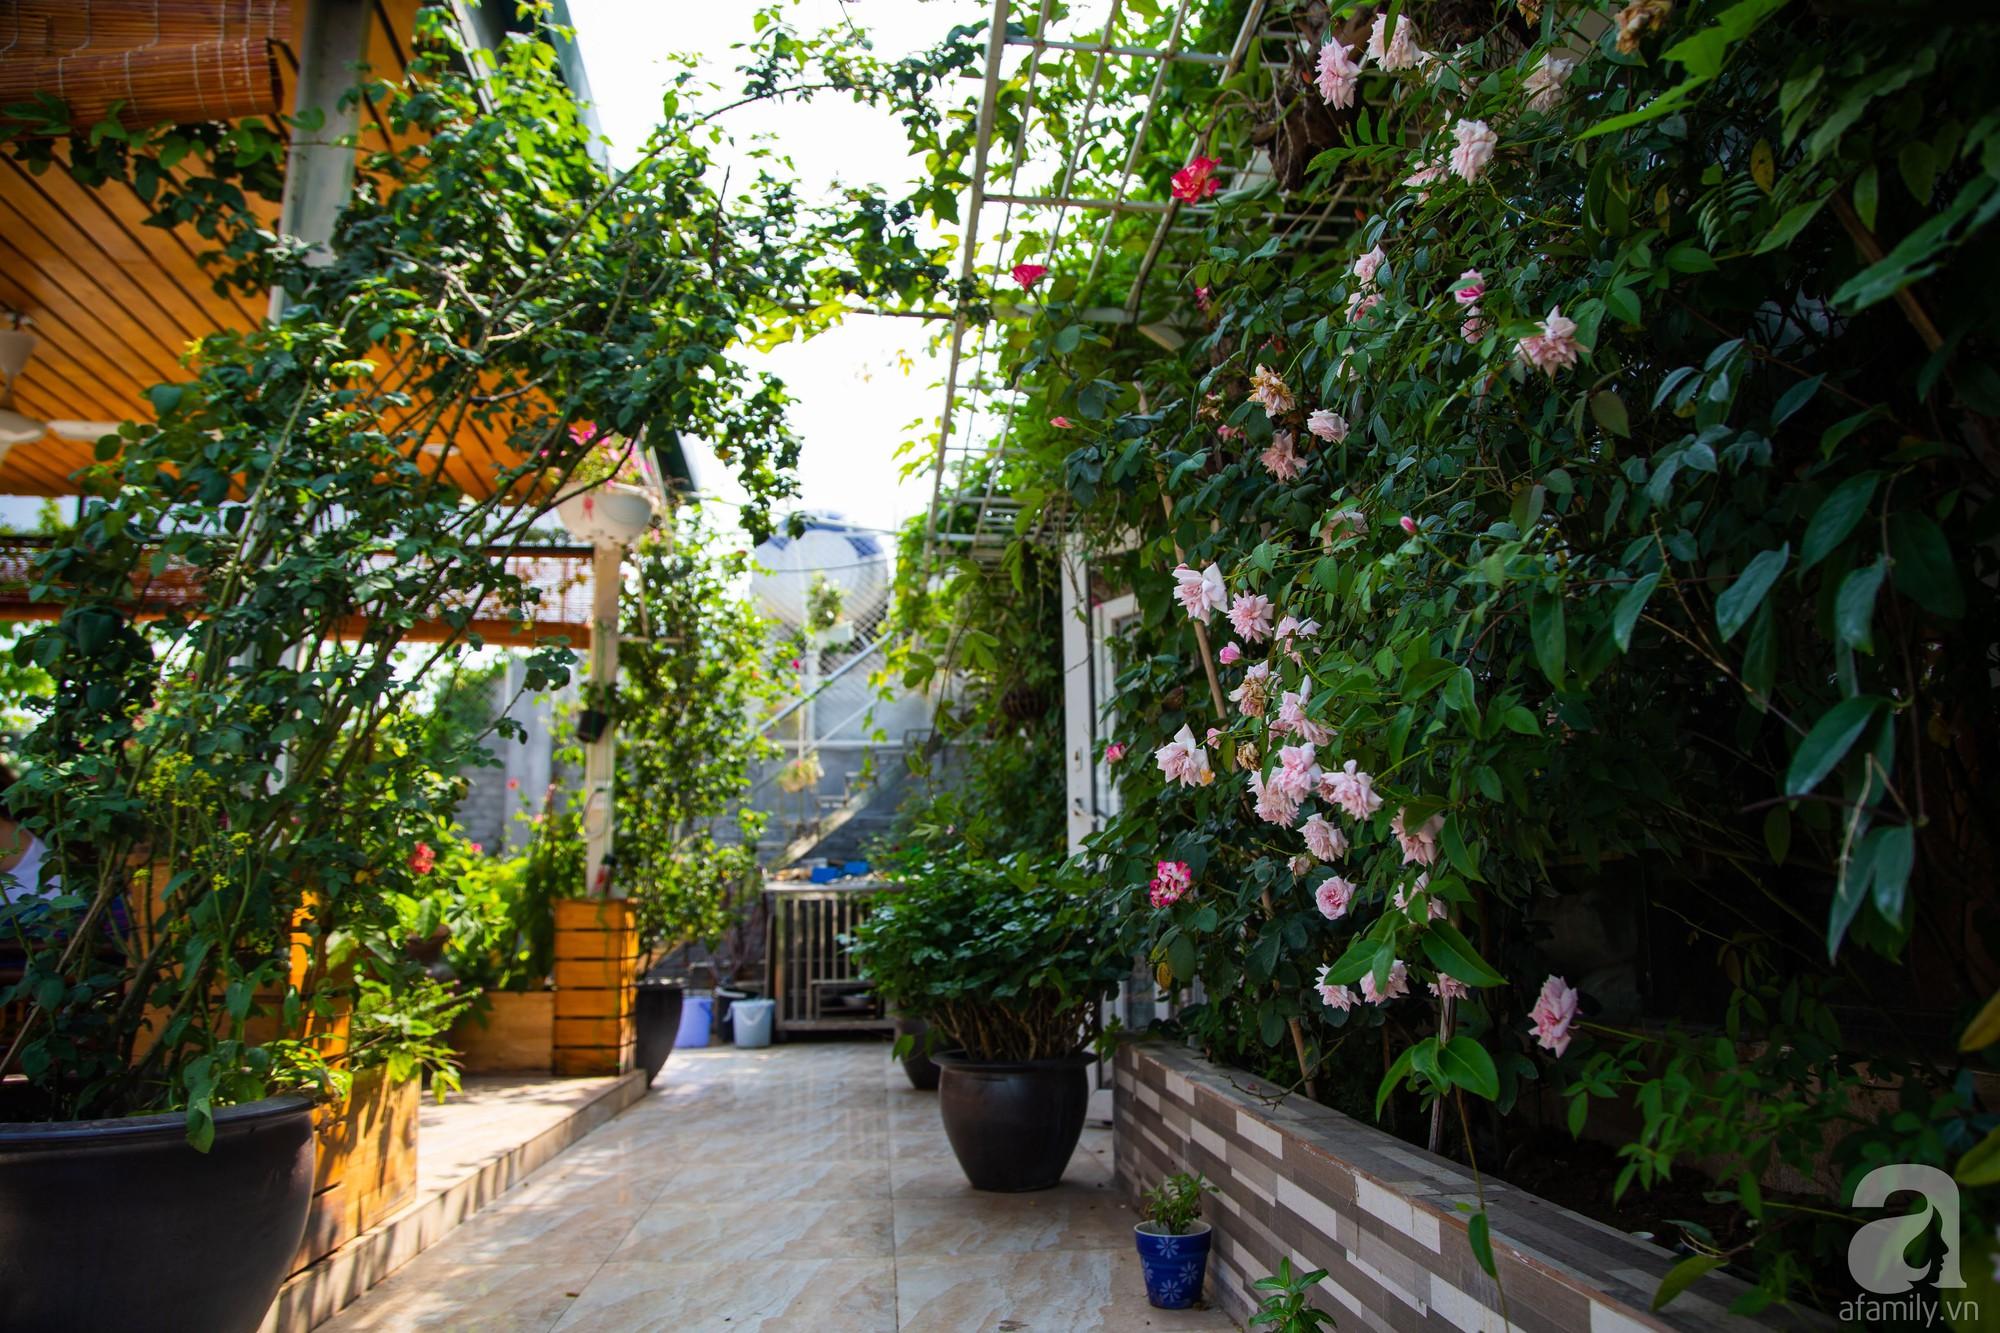 Khu vườn trên sân thượng rộng 200m² đẹp ngỡ ngàng với trăm loài hoa đua nhau khoe sắc ở Hà Nội - Ảnh 8.